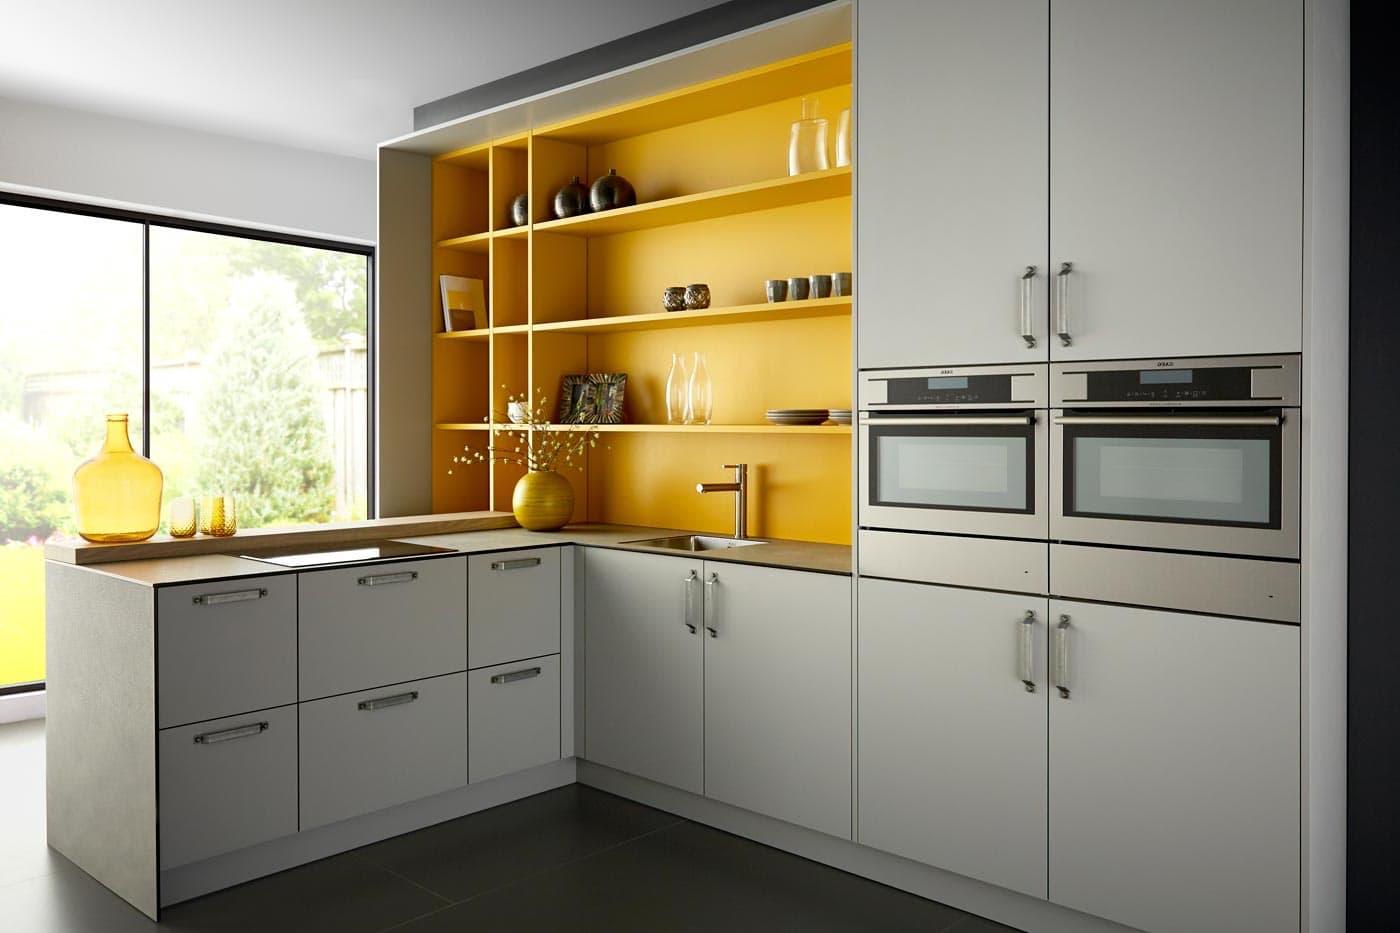 Dans la décoration intérieure d'une cuisine, il est difficile d'imaginer une symbiose plus réussie et mutuellement bénéfique que la combinaison du gris et du jaune.